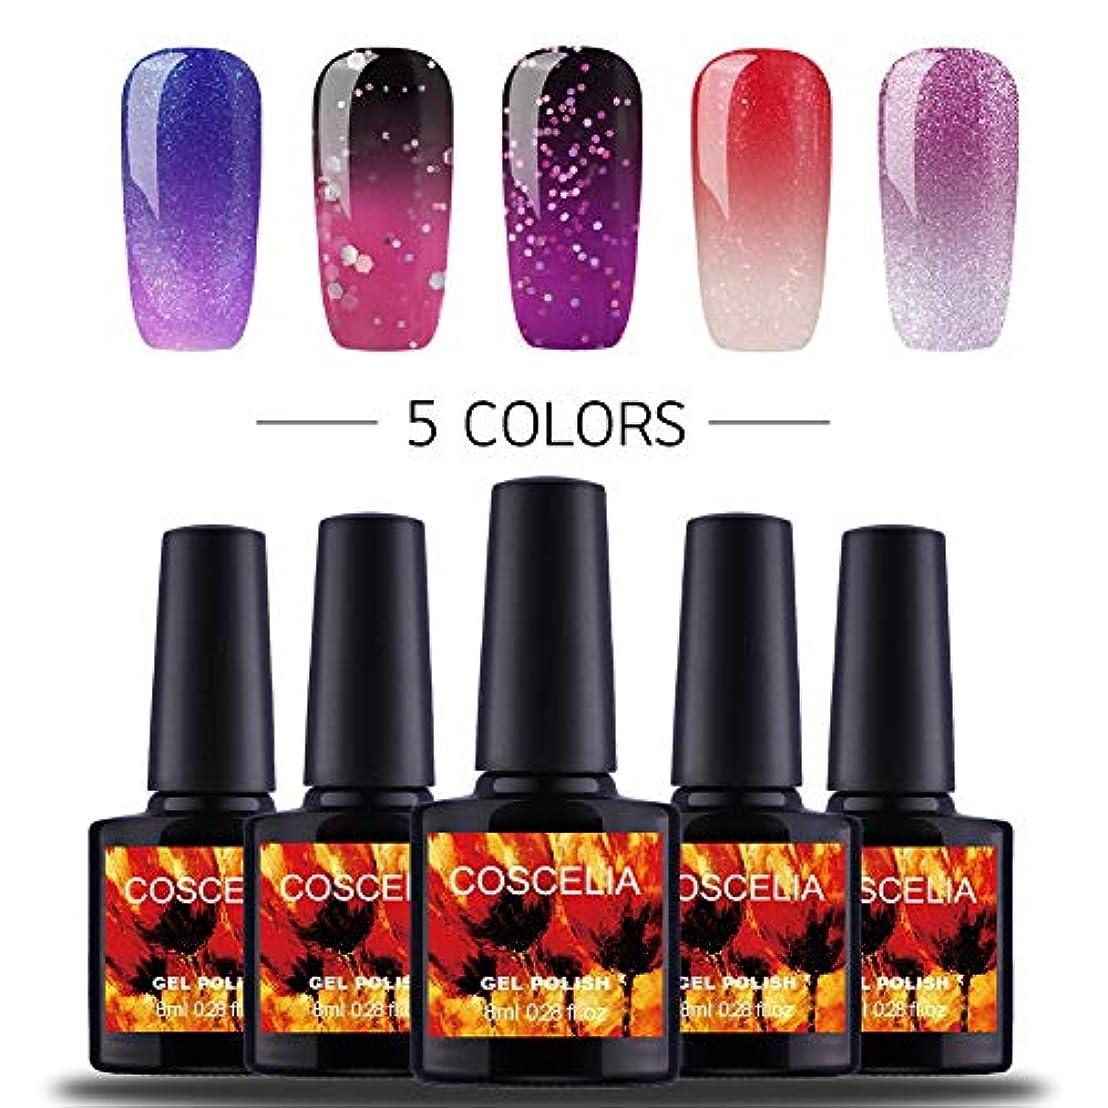 経営者最も遠いピッチTwinkle Store ジェルネイル カラー セットカメレオンカラージェル 温度により色が変化 5色入り 8ml (JP-A2XX1-5A)